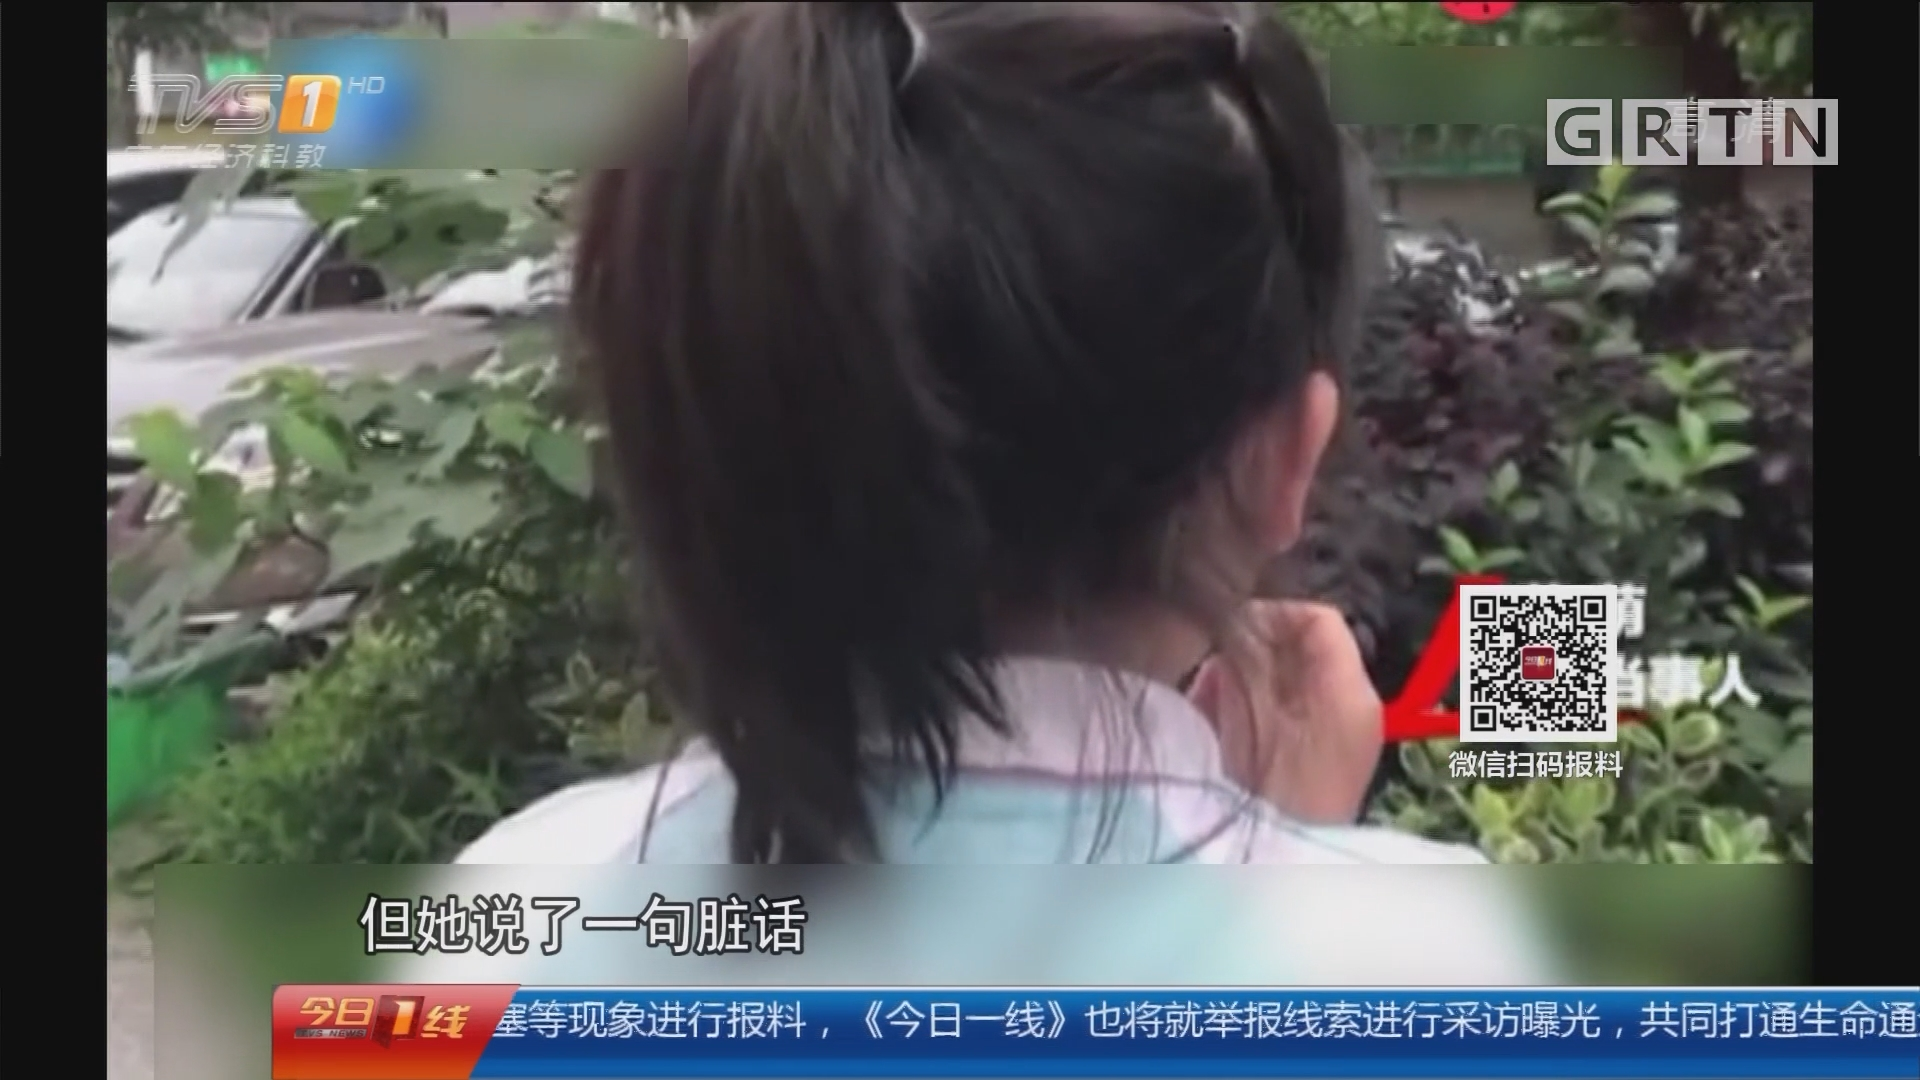 湖南长沙:9岁女孩阻止插队 遭飞踹倒地